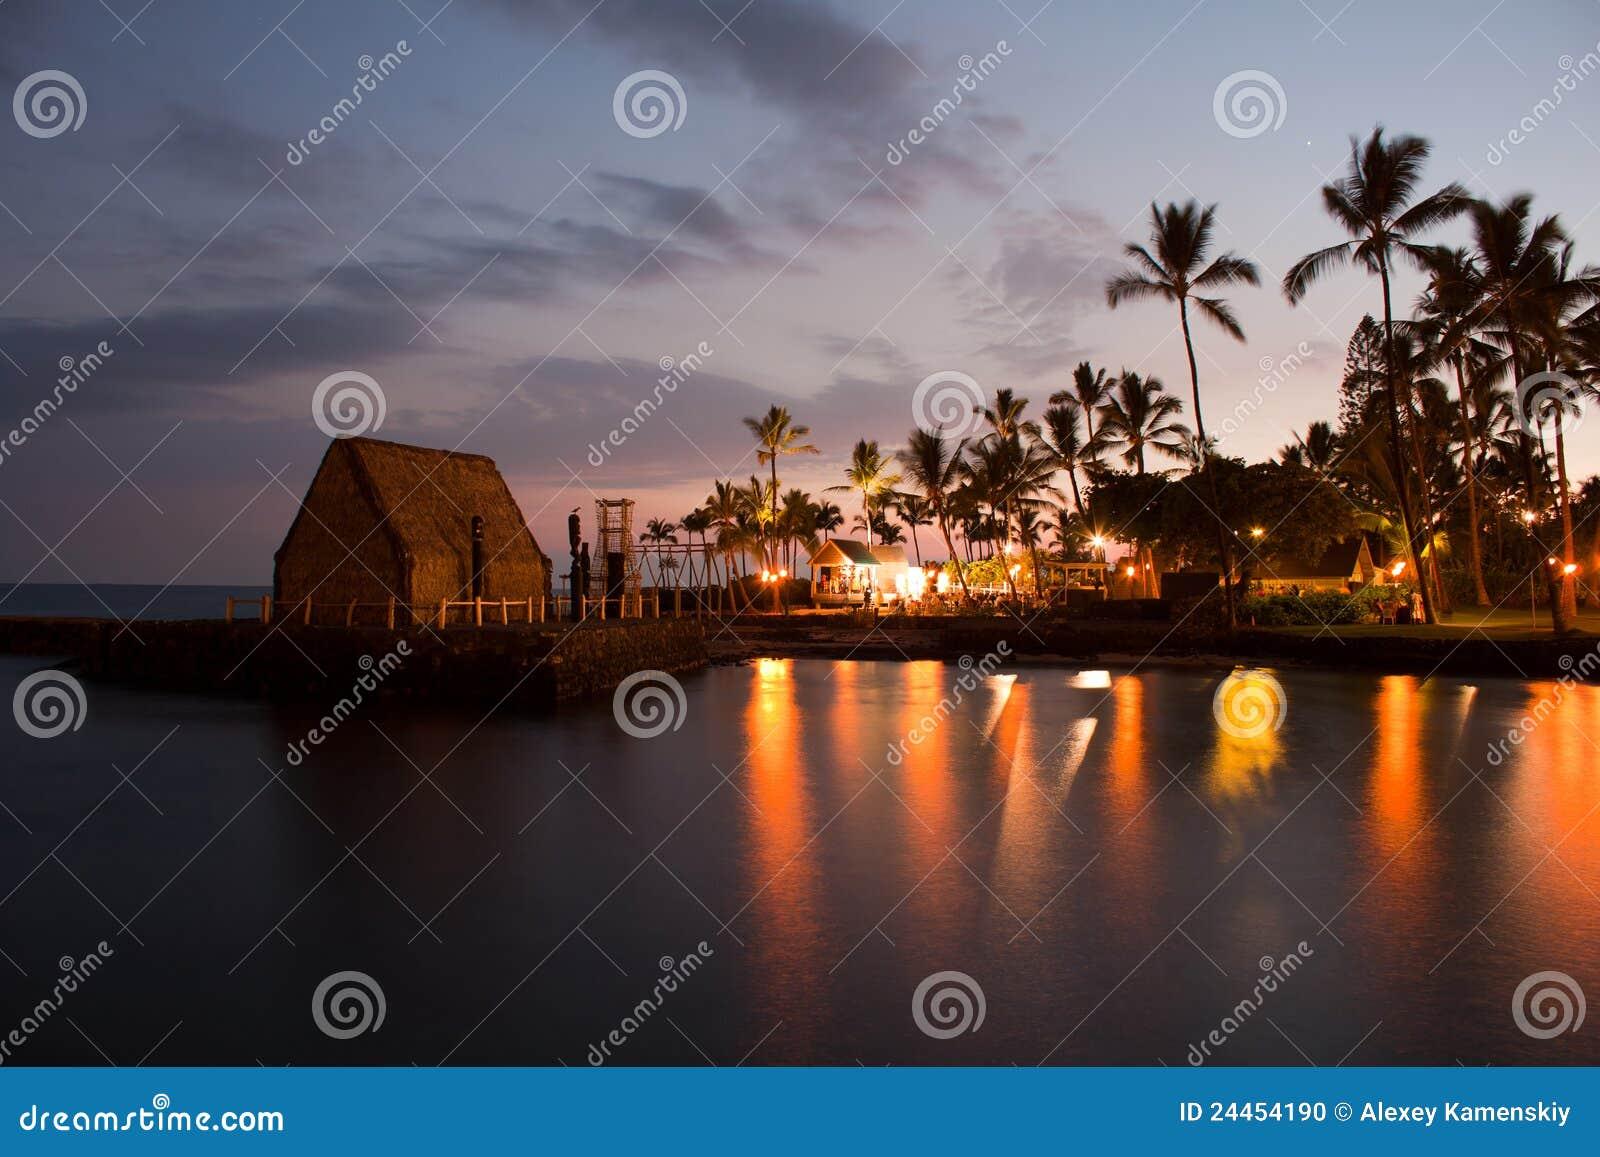 De partij Luau van het strand in Hawaï na zonsondergang